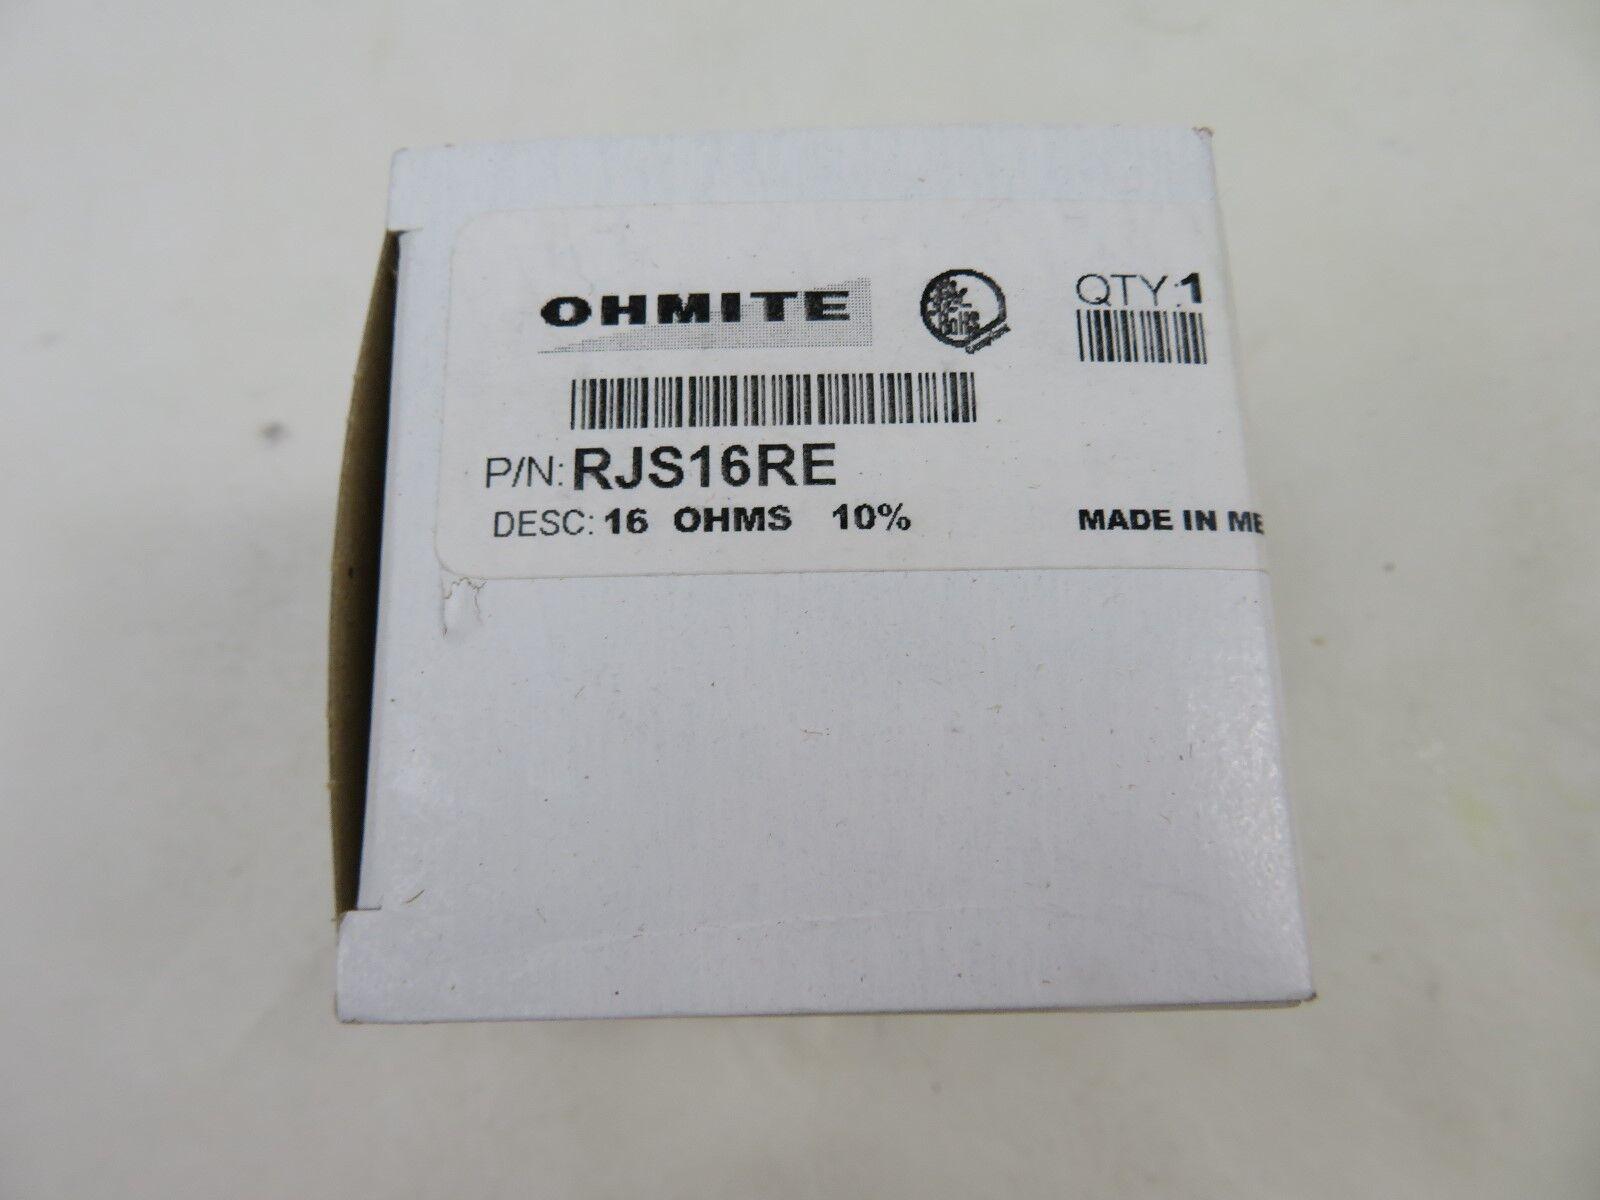 NEW OHMITE RJS16RE 16 OHMS 10% Rheostat 16 Ohm 50 Watt